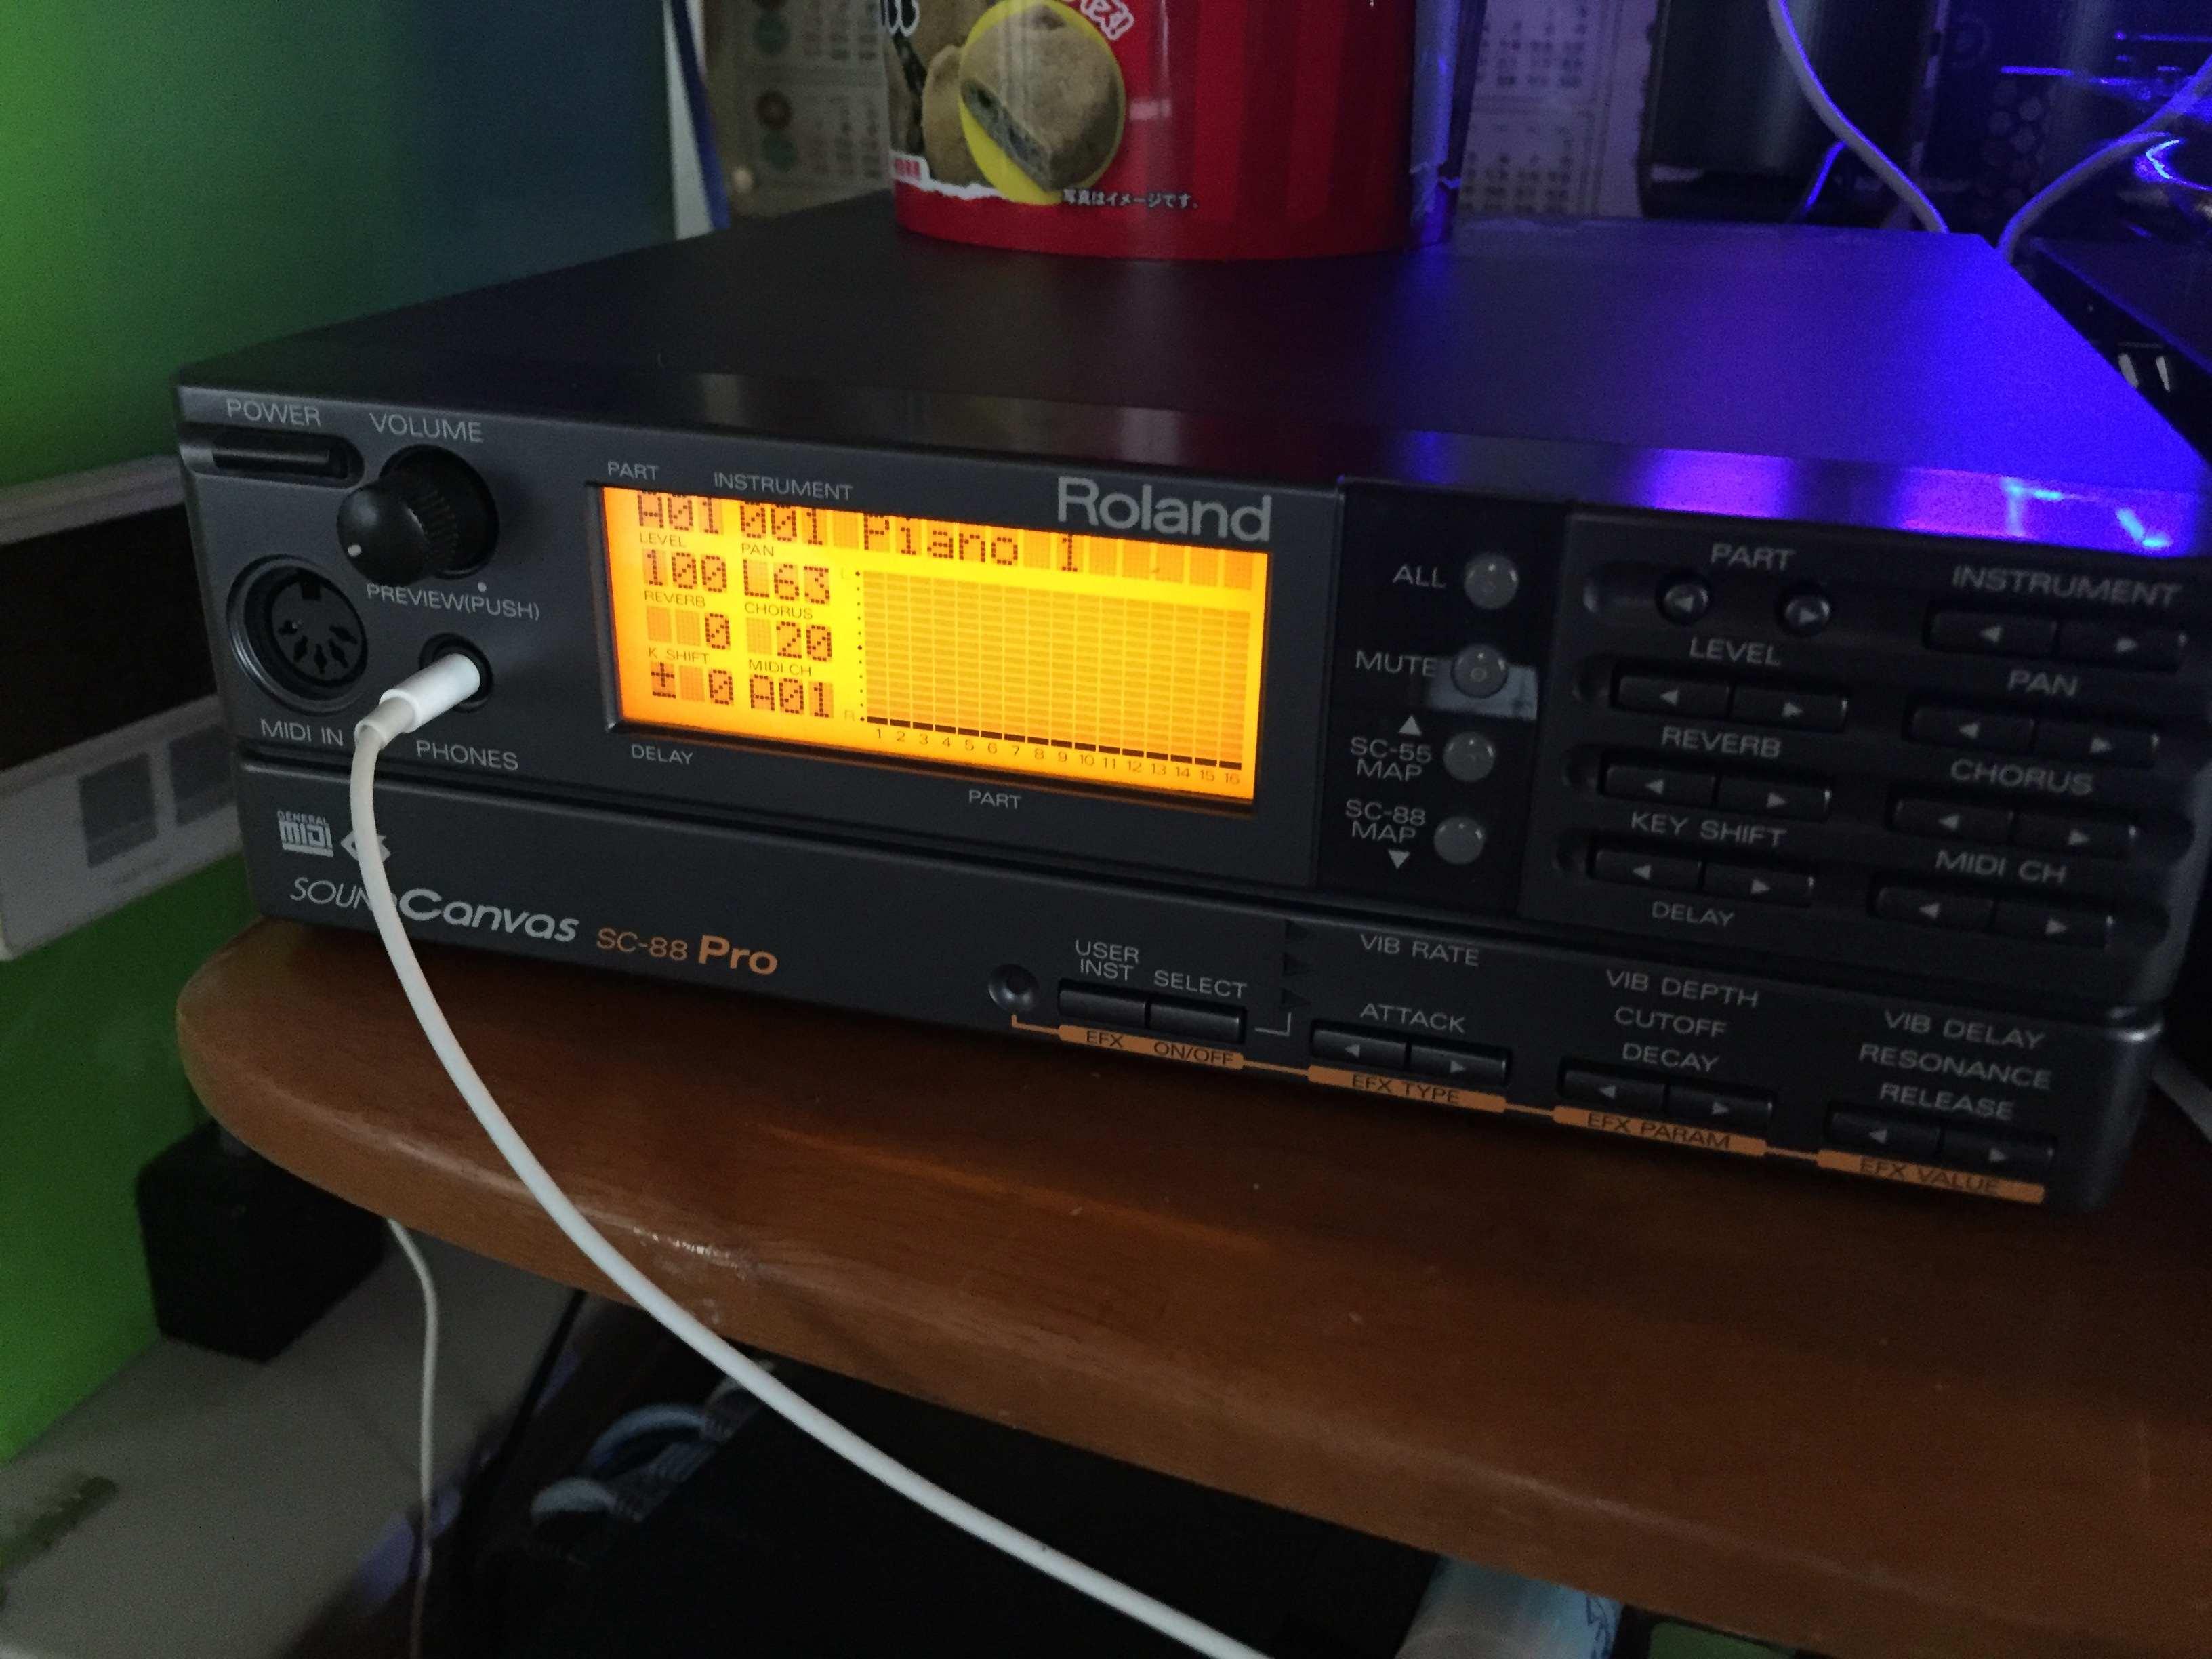 SC-88Proを買いました